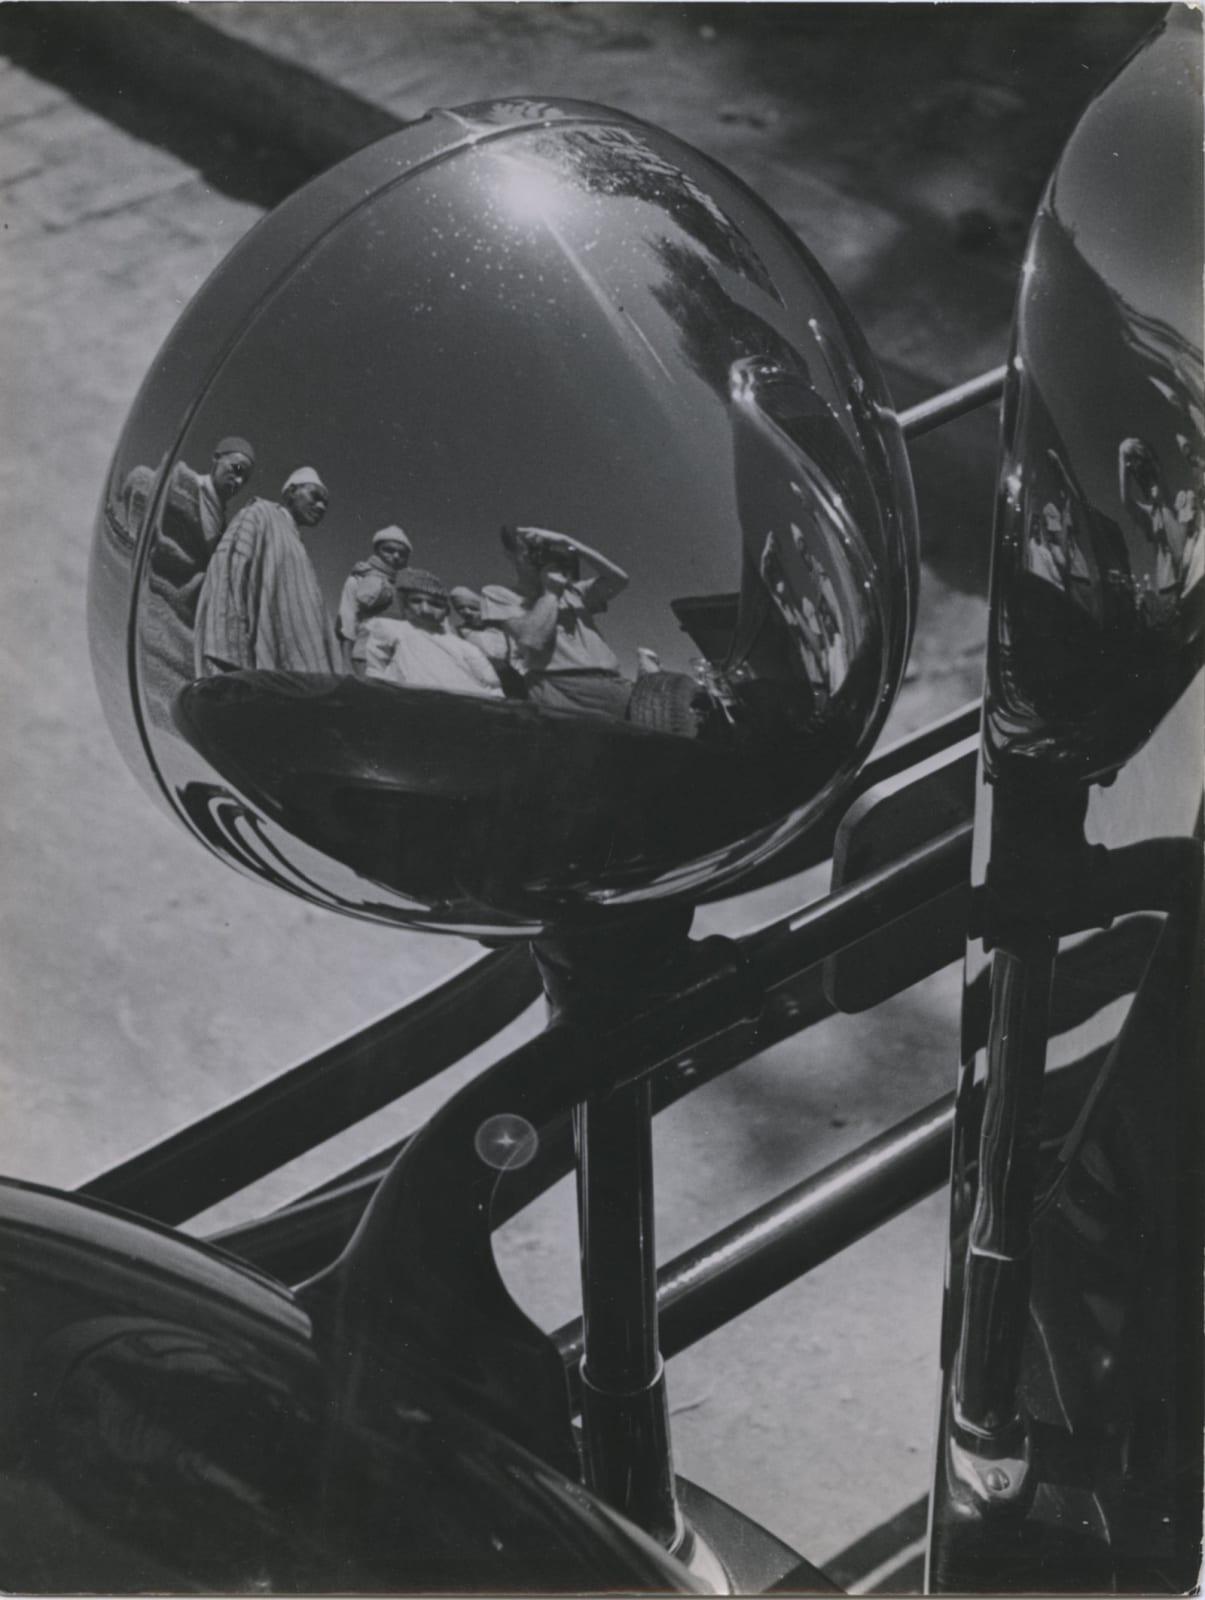 André Steiner Réflections dans un phare, Maroc Tirage gélatino-argentique d'époque 24,1 x 18,2 cm Dim. papier: 24,1 x 18,2 cm